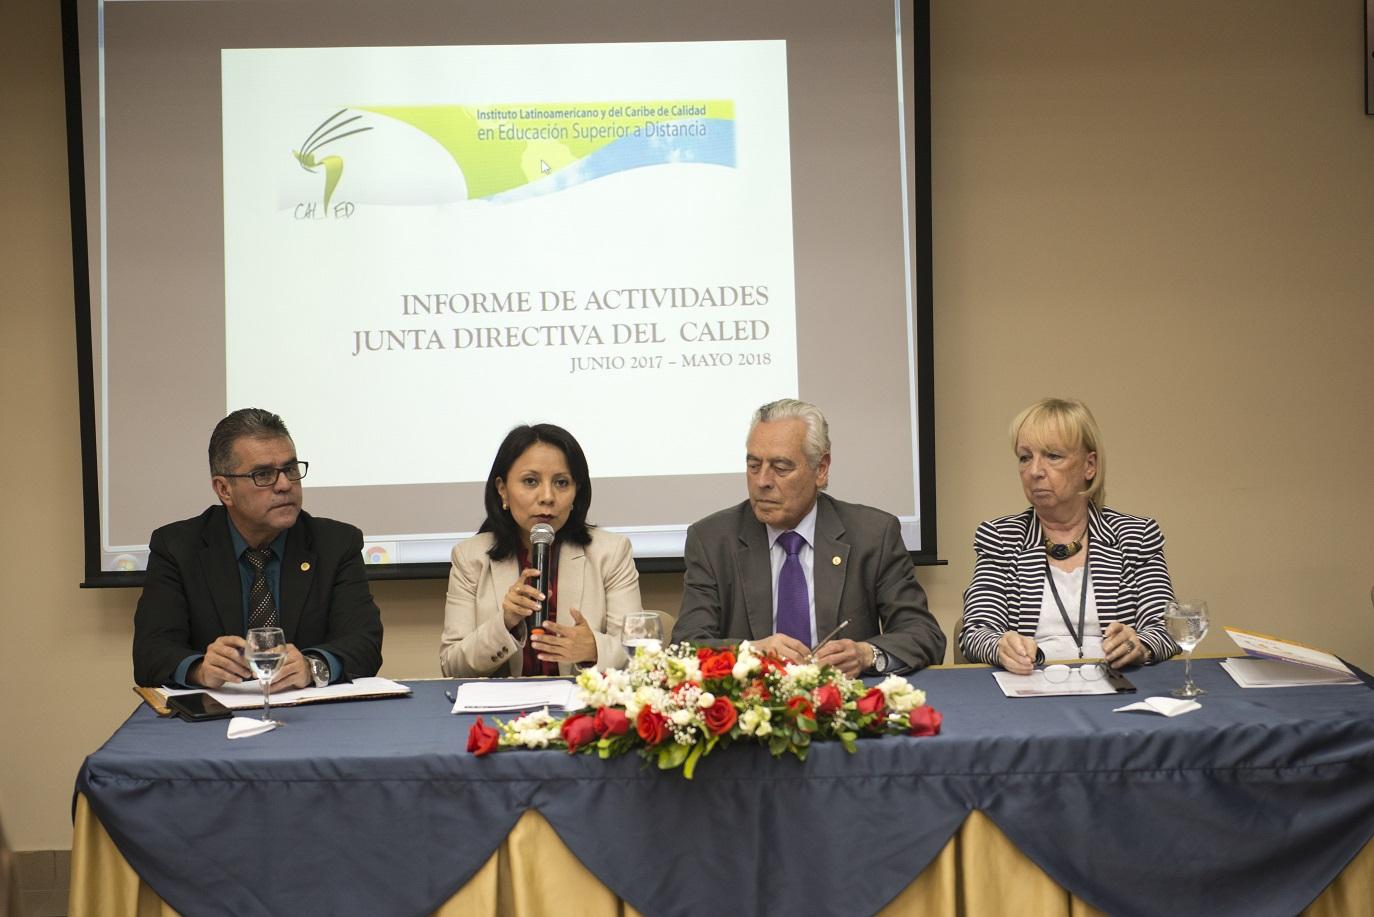 UTPL promueve en México la calidad en la educación superior a distancia